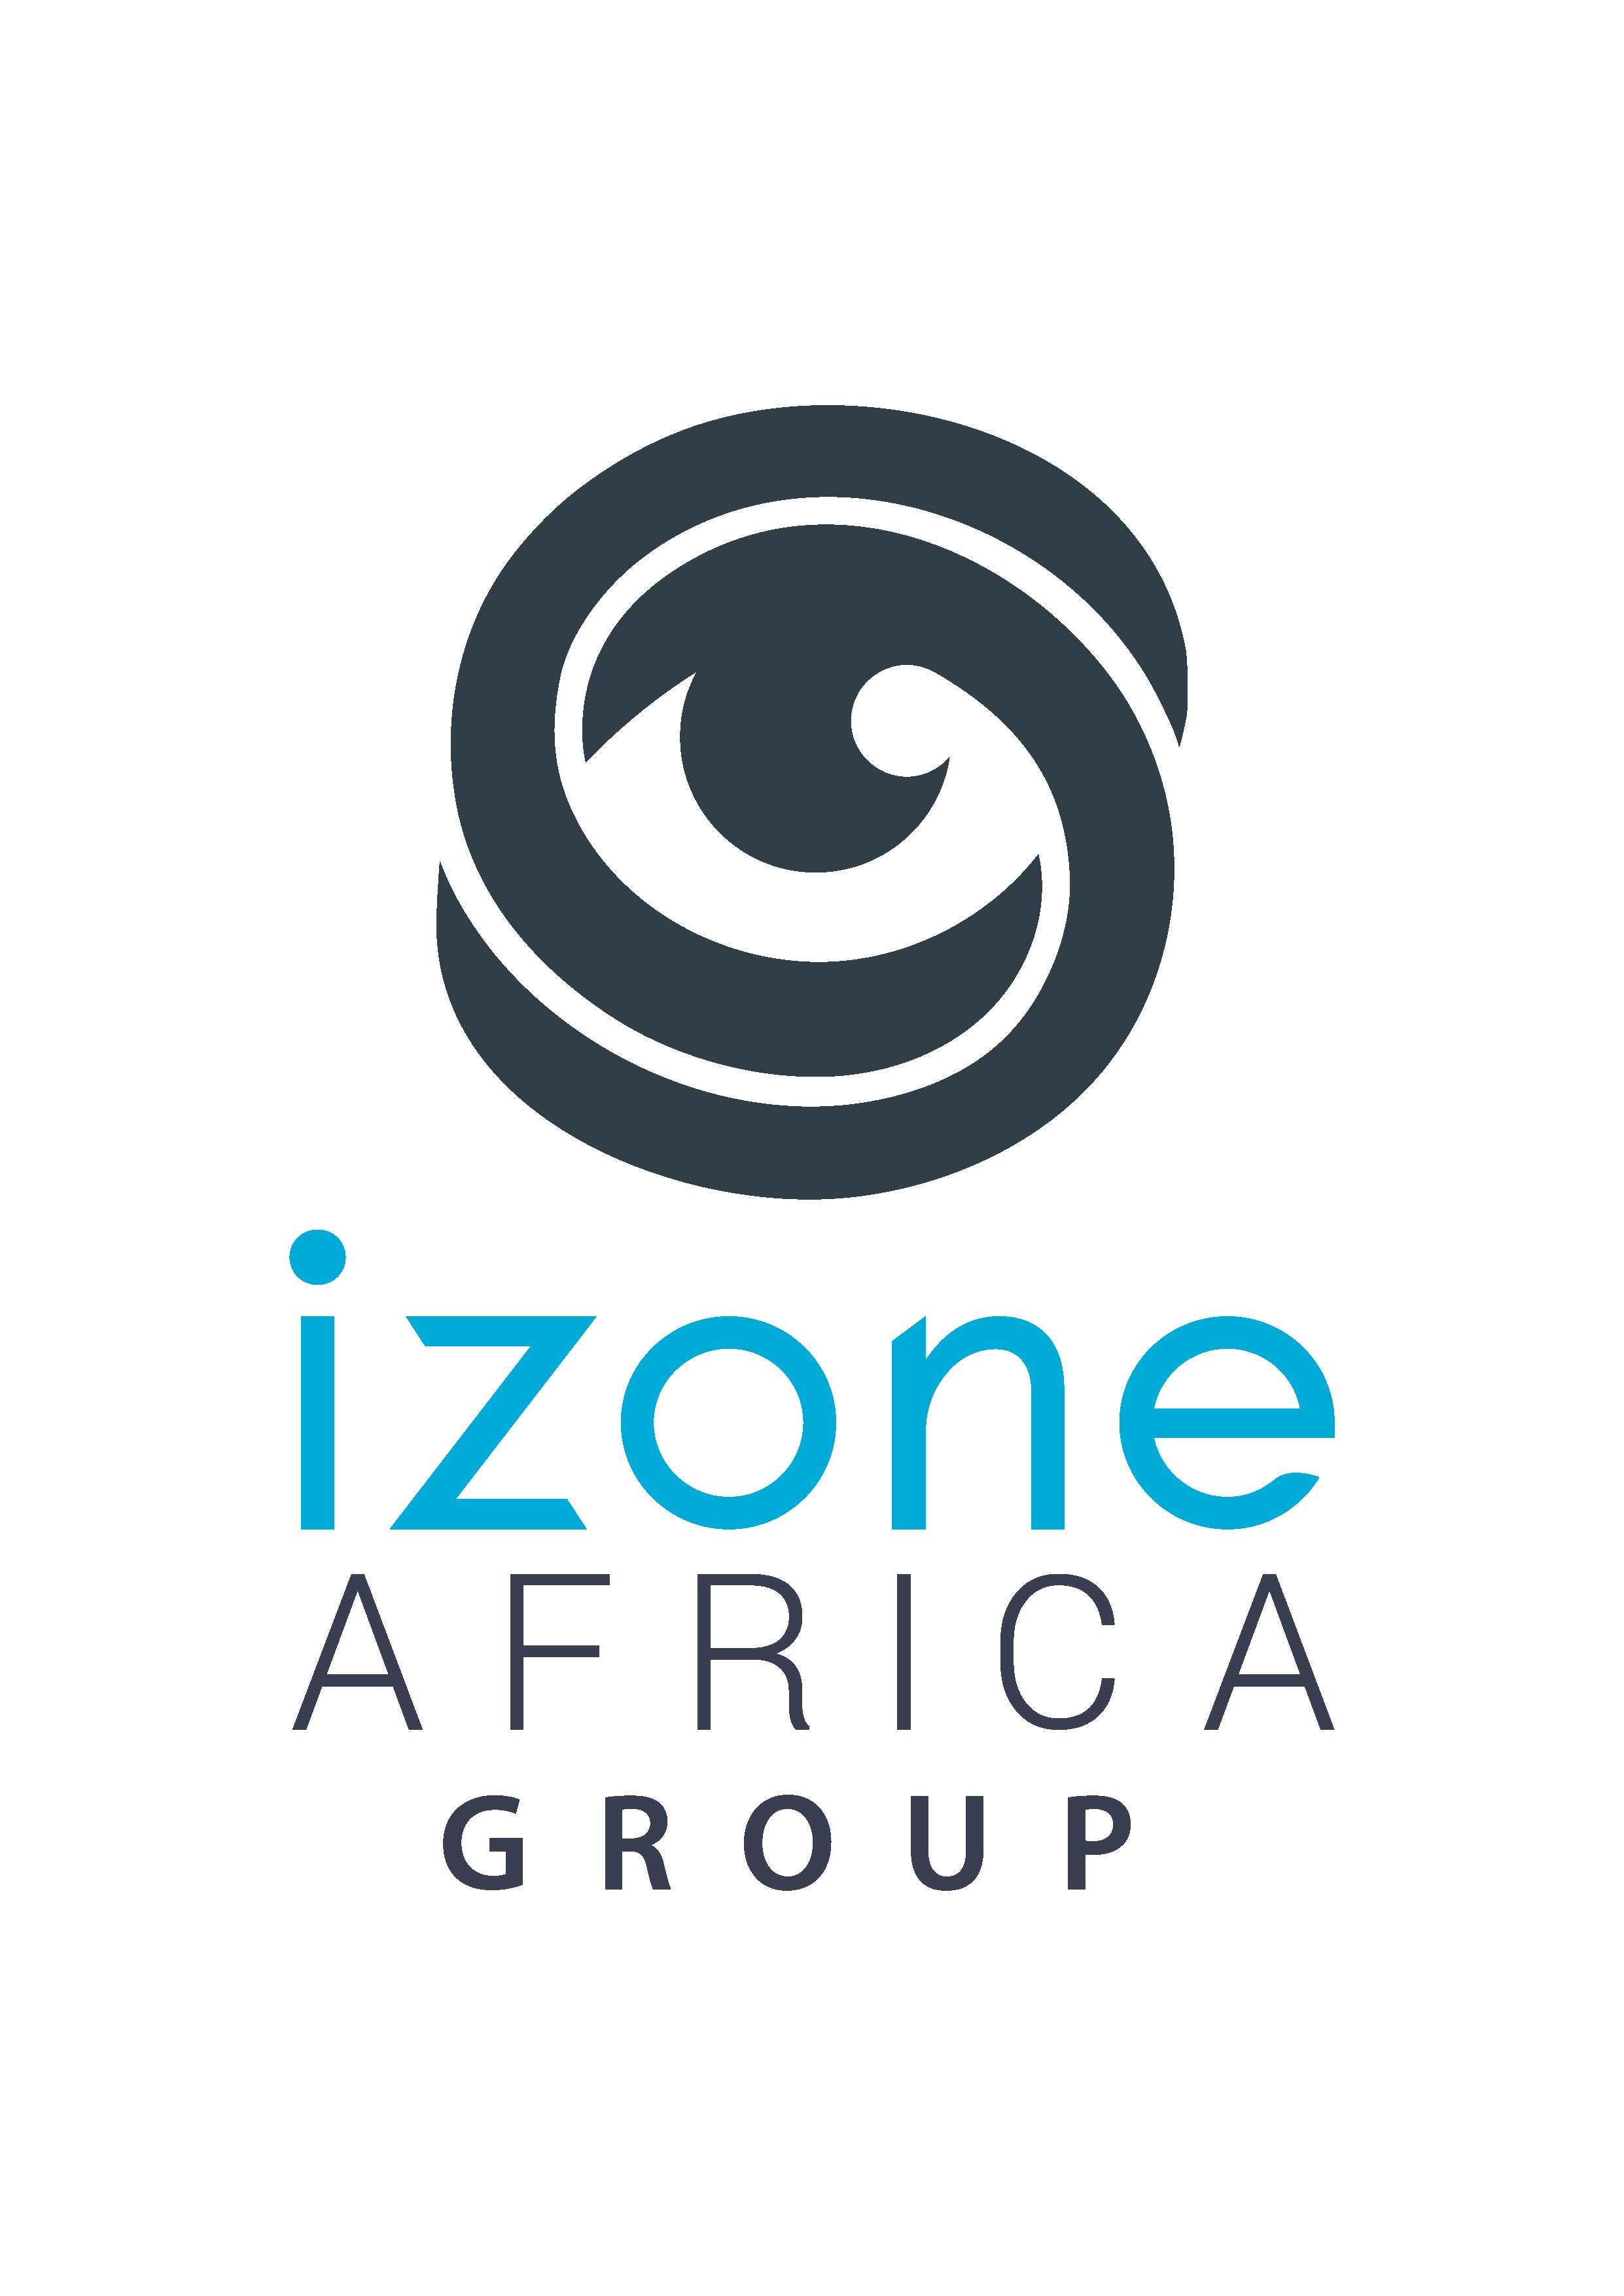 Izone Africa